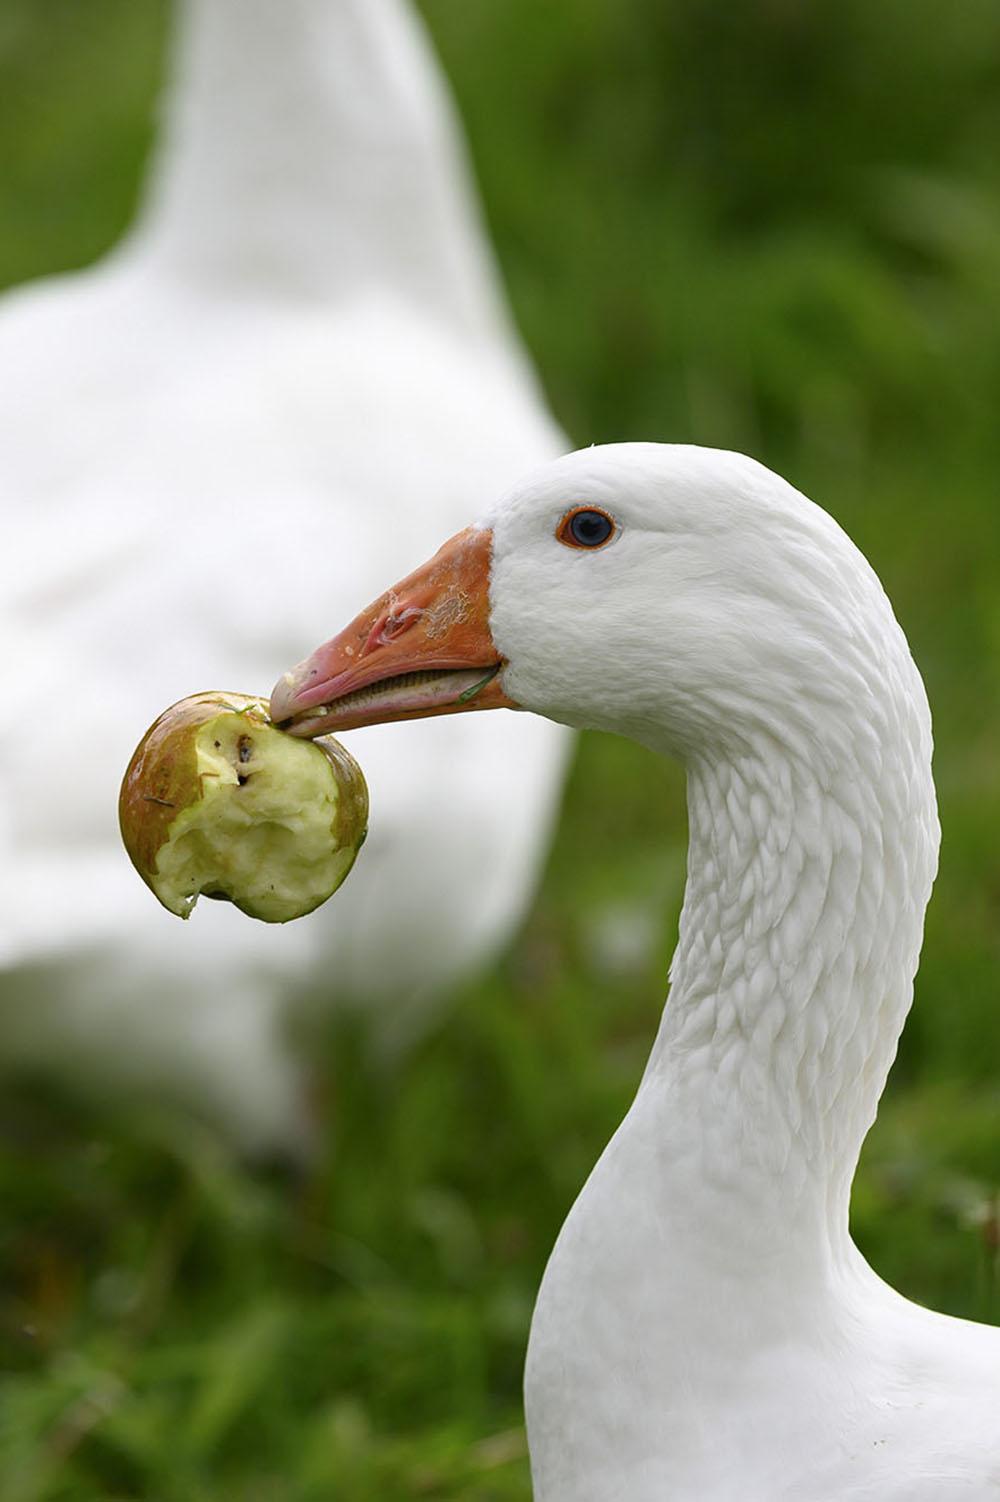 Eine Gans frisst einen Apfel